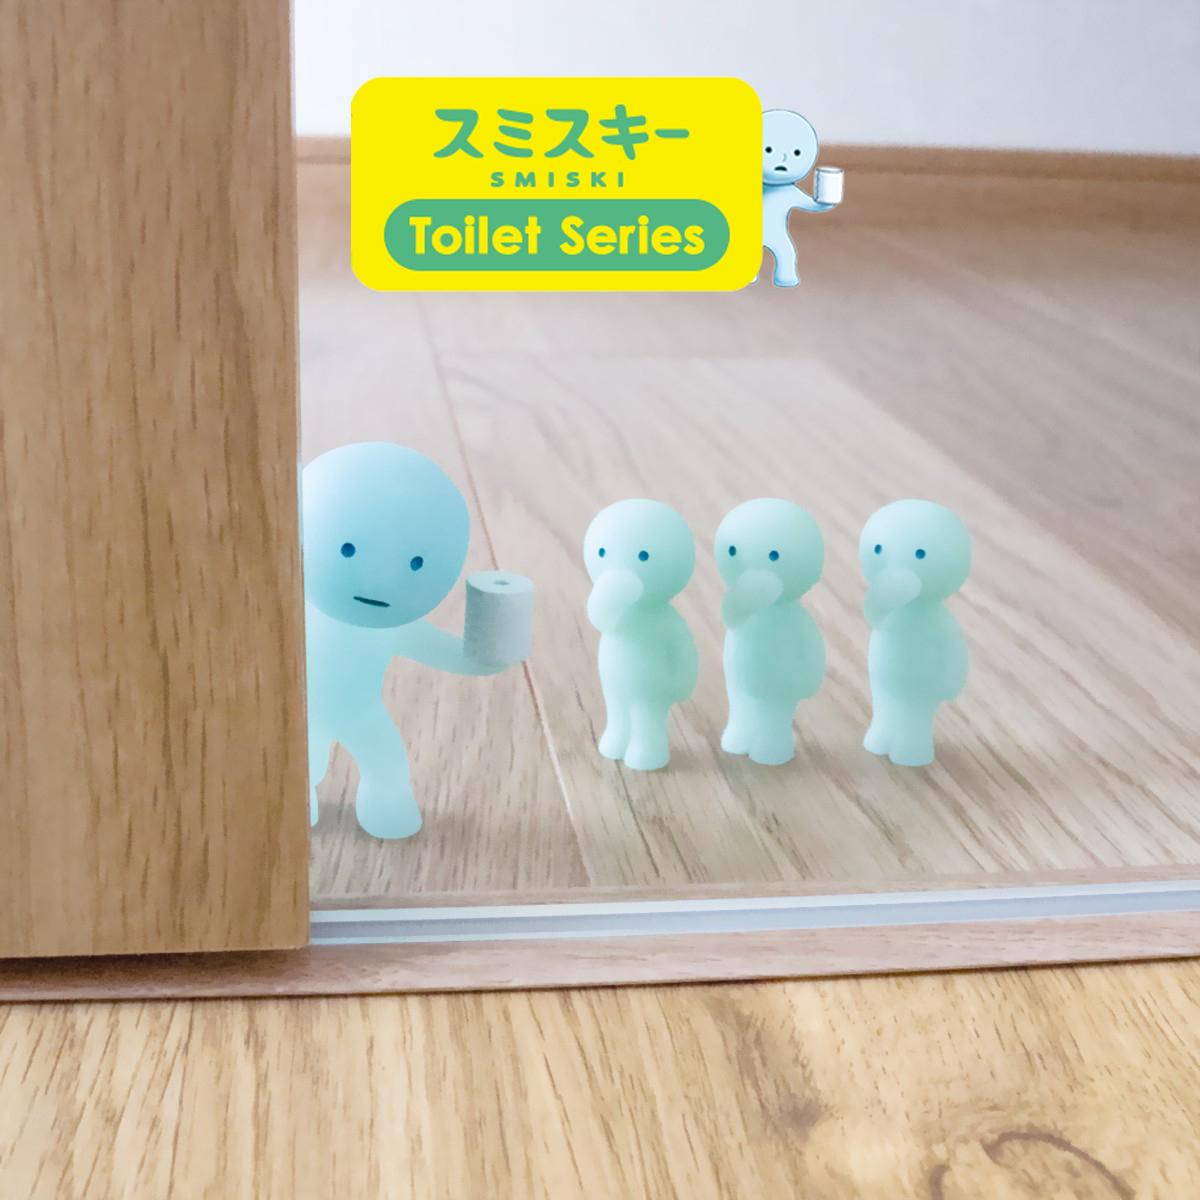 toilet serie smiski france